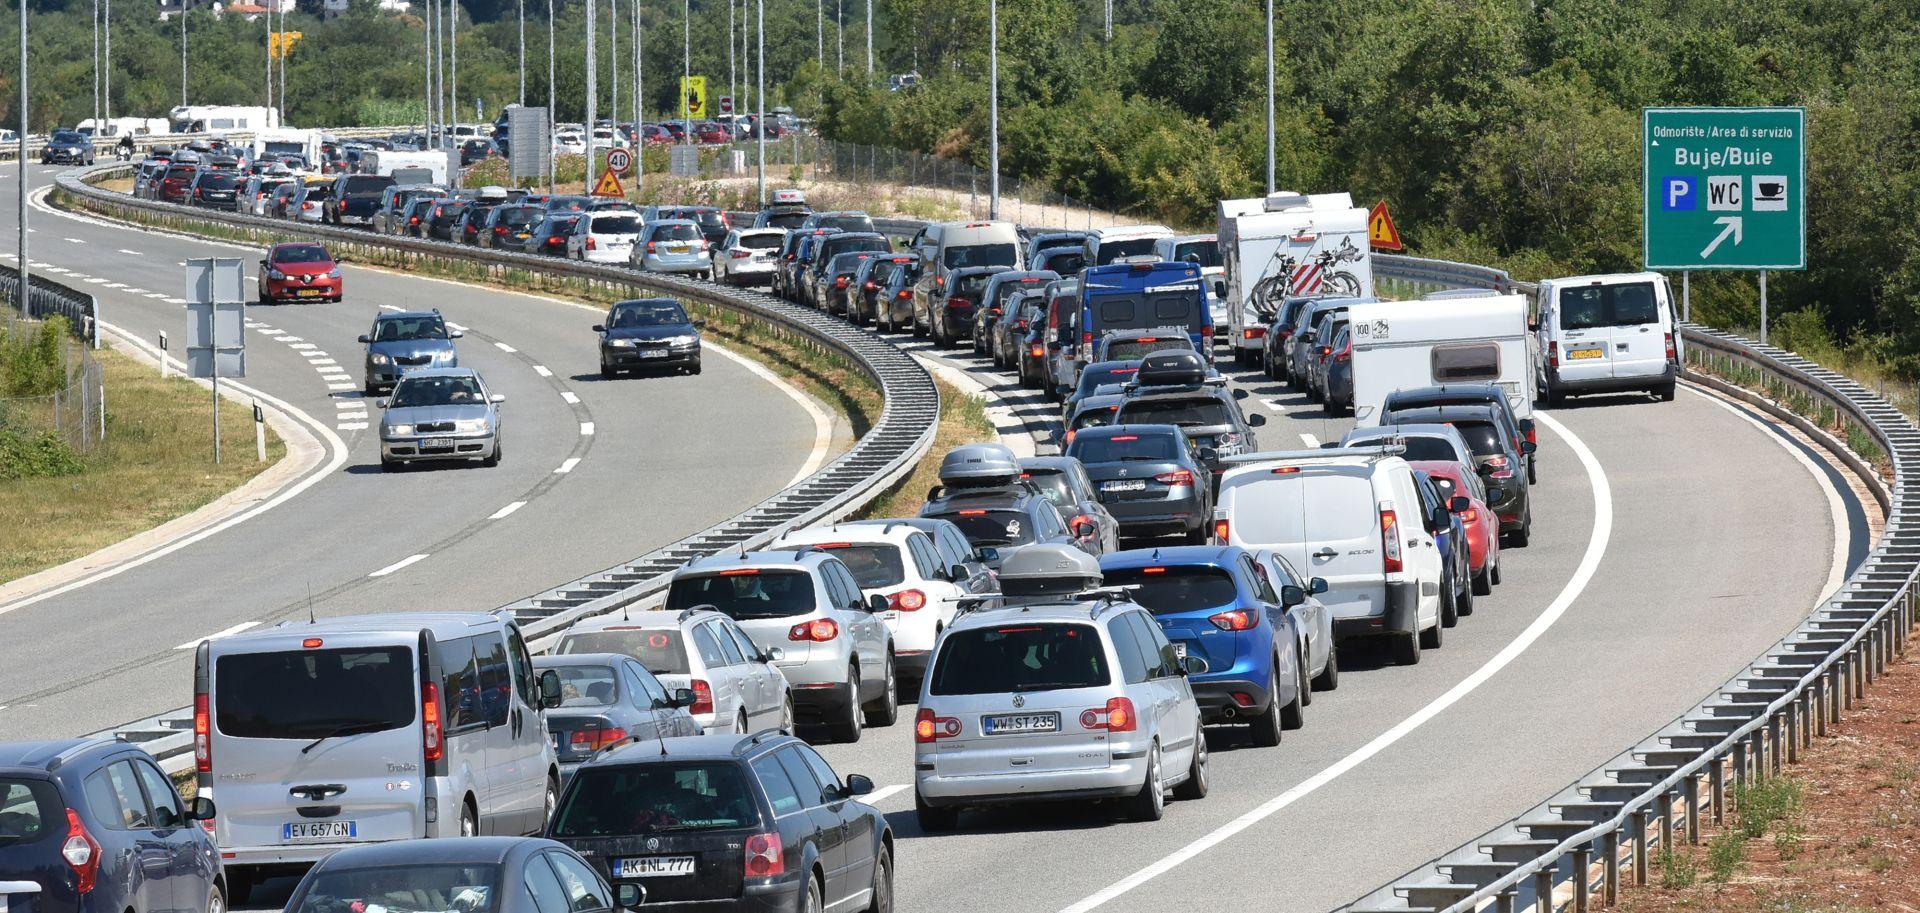 PROMETNA PROGNOZA Osim velikih gužvi, promet će otežavati i jaka bura, najavljeno zatvaranje nekih cesta